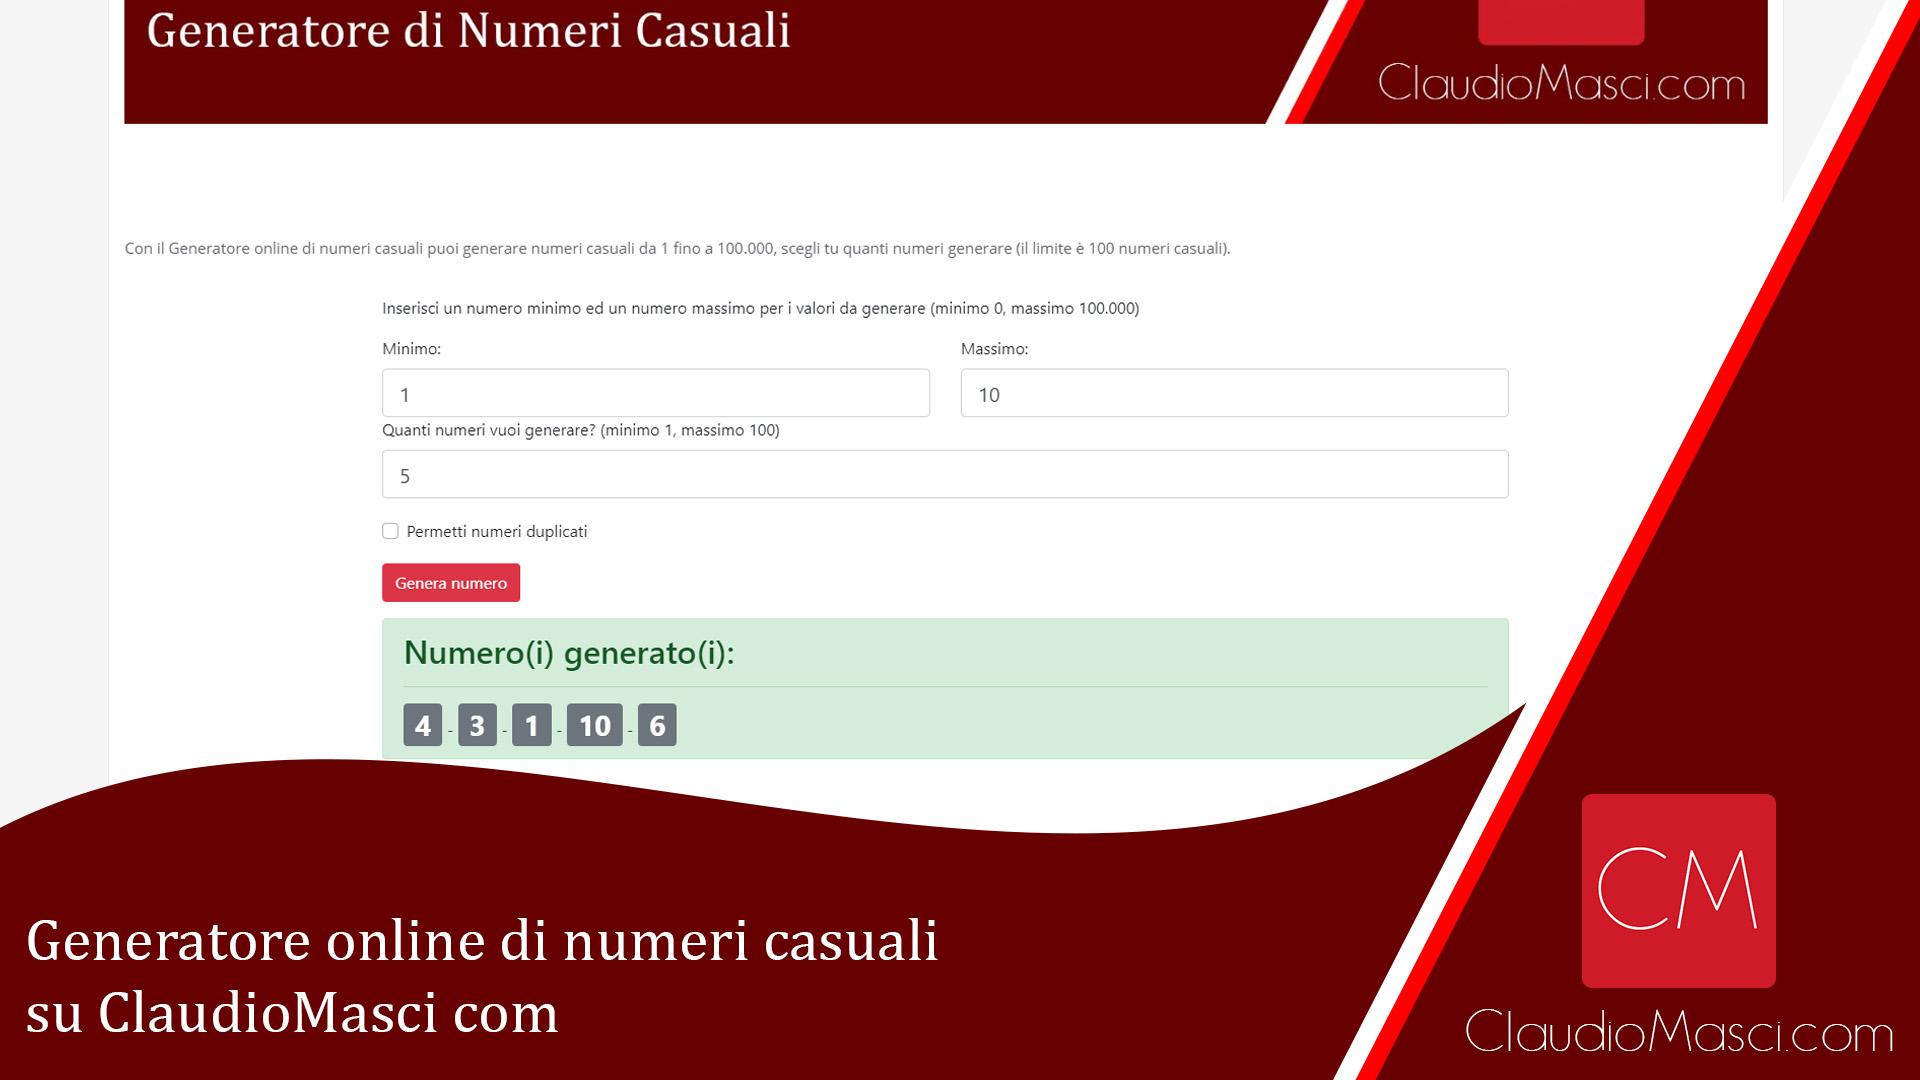 Generatore online di numeri casuali gratuito